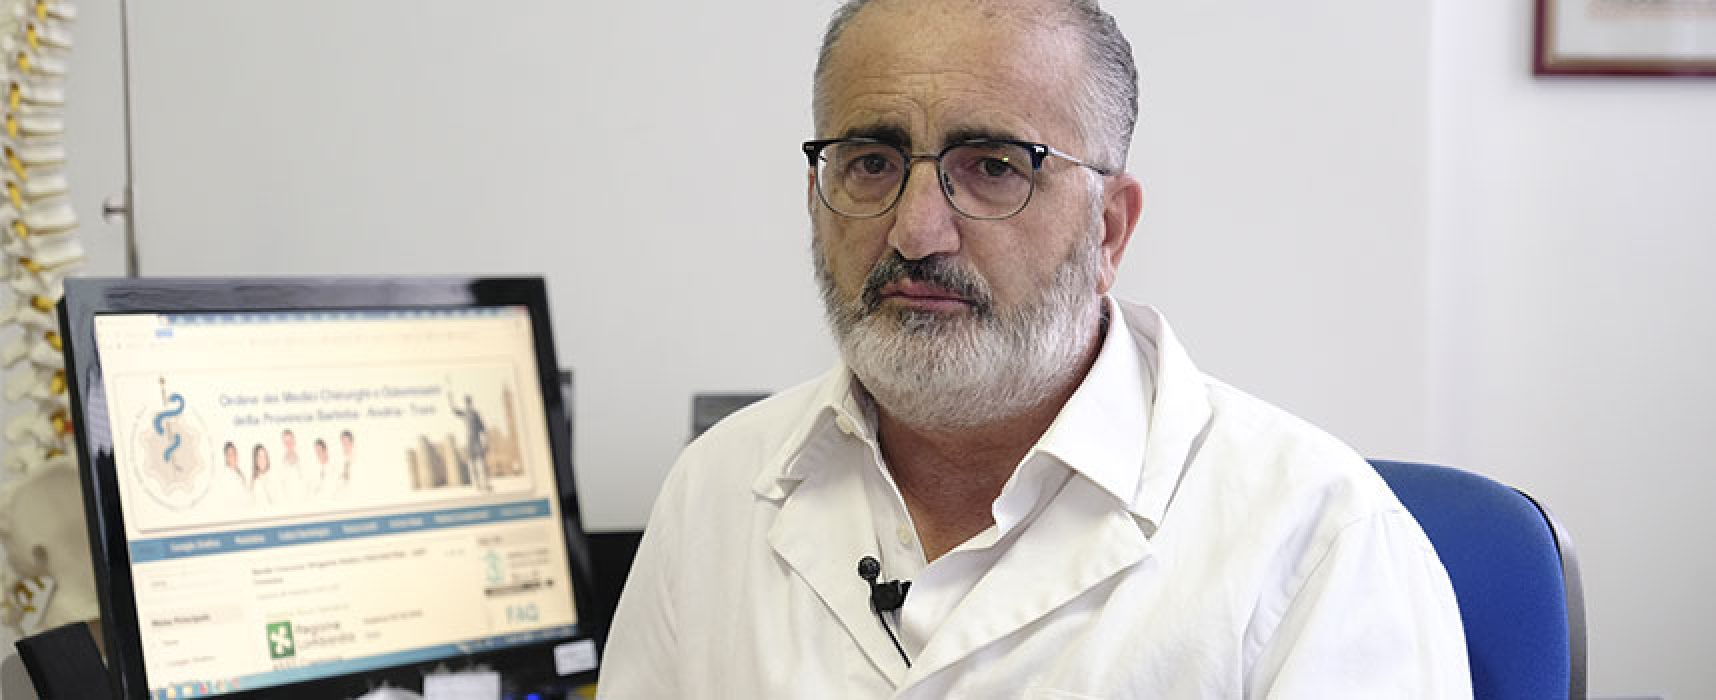 Dottor Delvecchio dona 500 mascherine di protezione ai medici della Bat